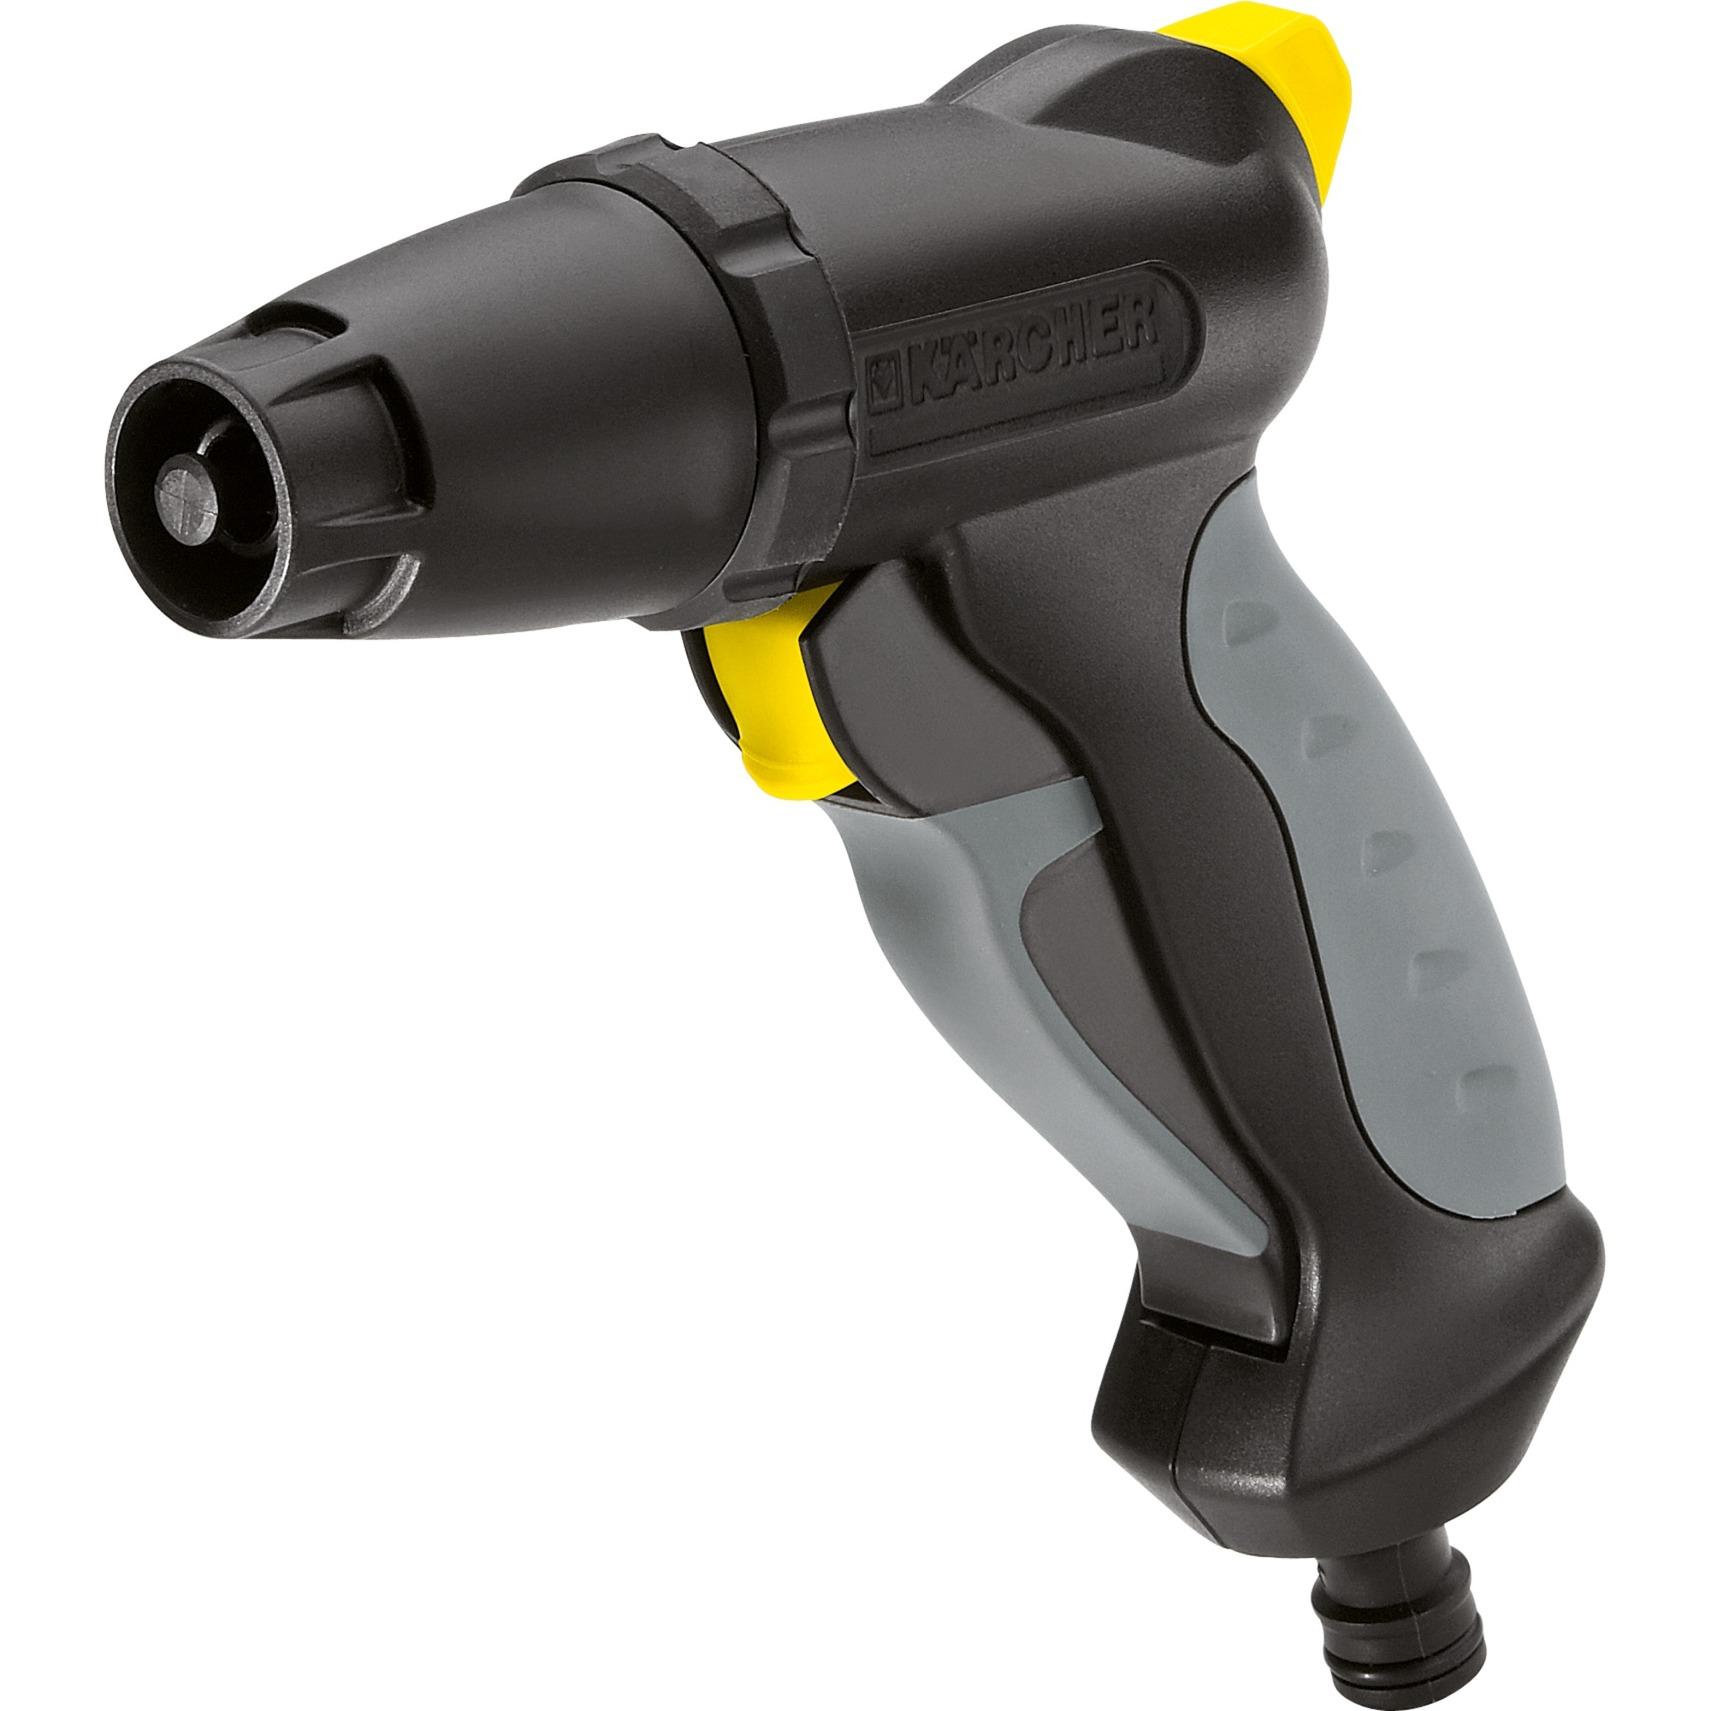 premium-spray-gun-injektion